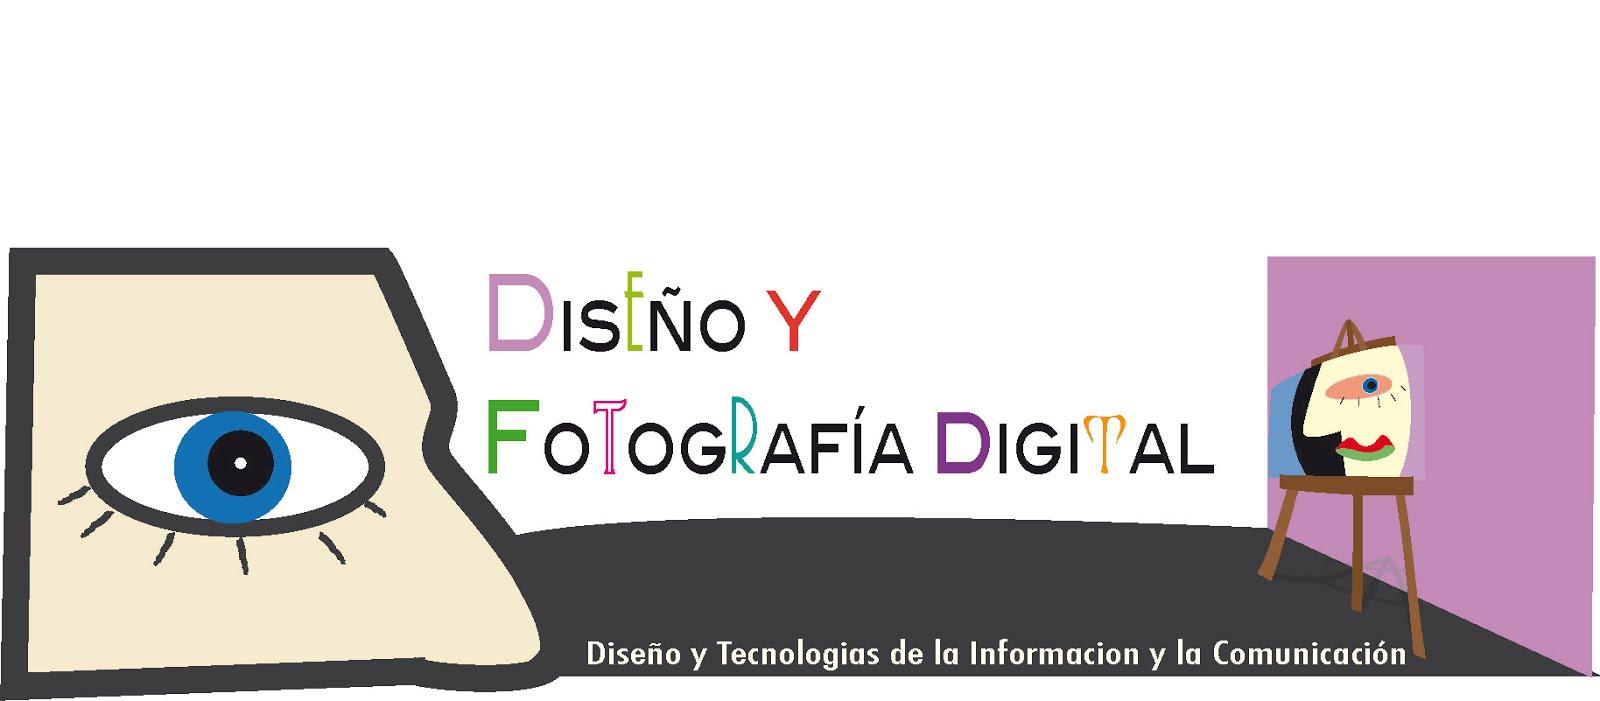 DISEÑO Y FOTOGRAFÍA DIGITAL